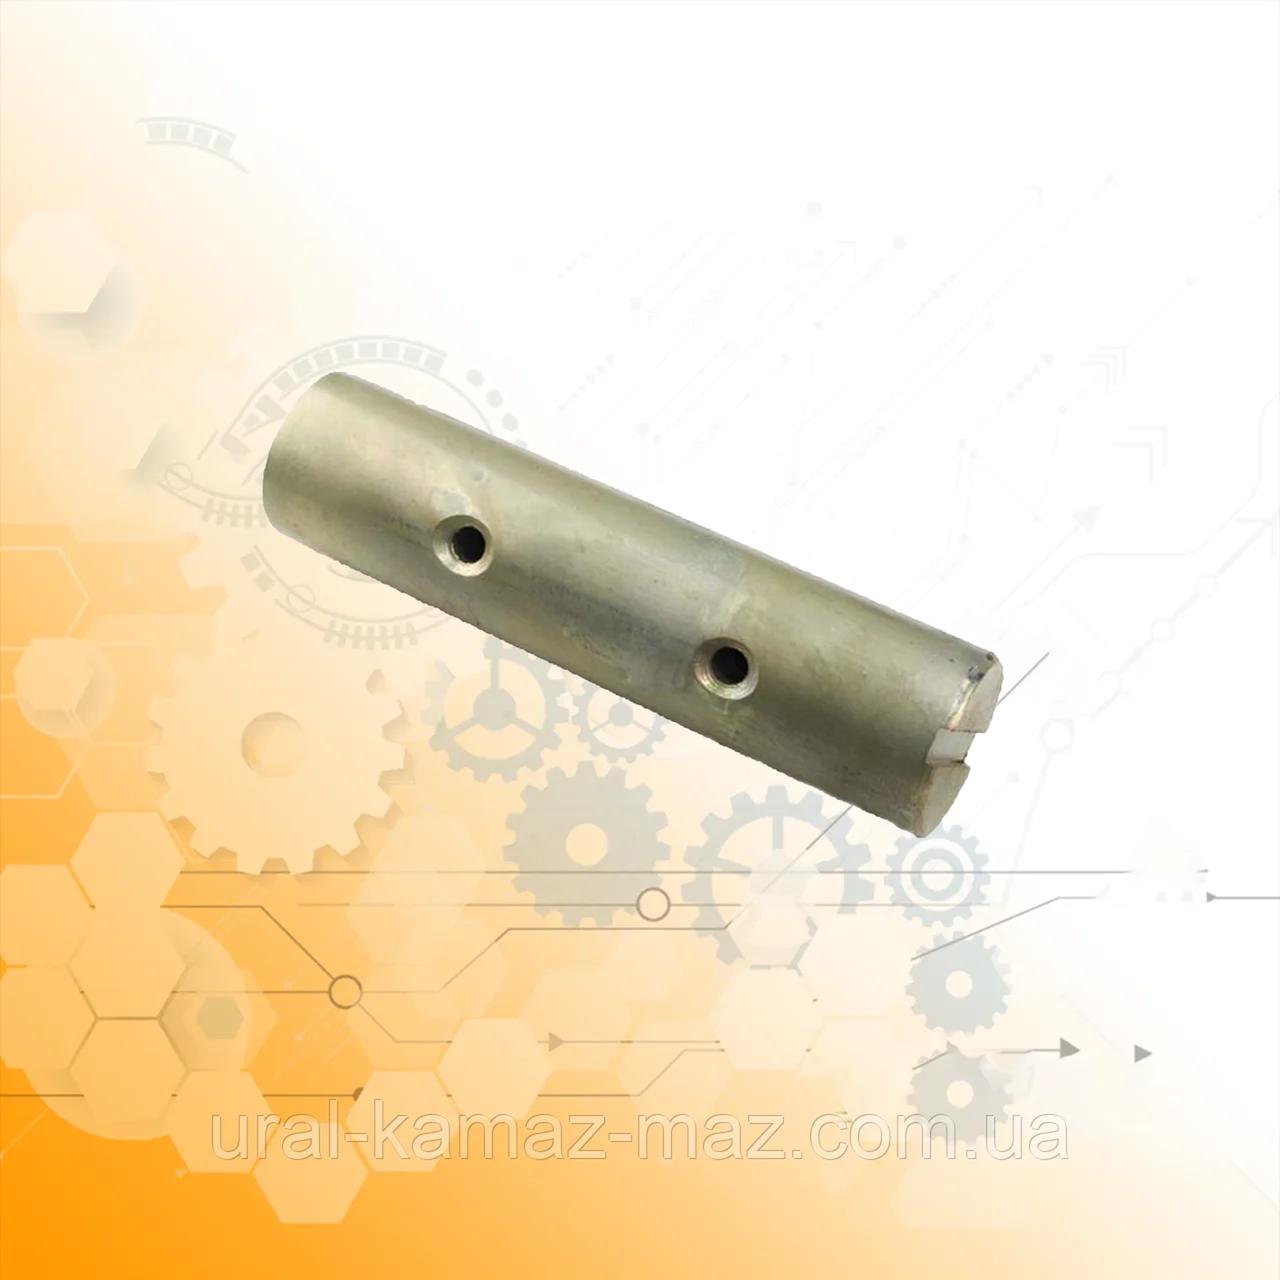 Ось тормозных колодок КрАЗ  256Б-3502132